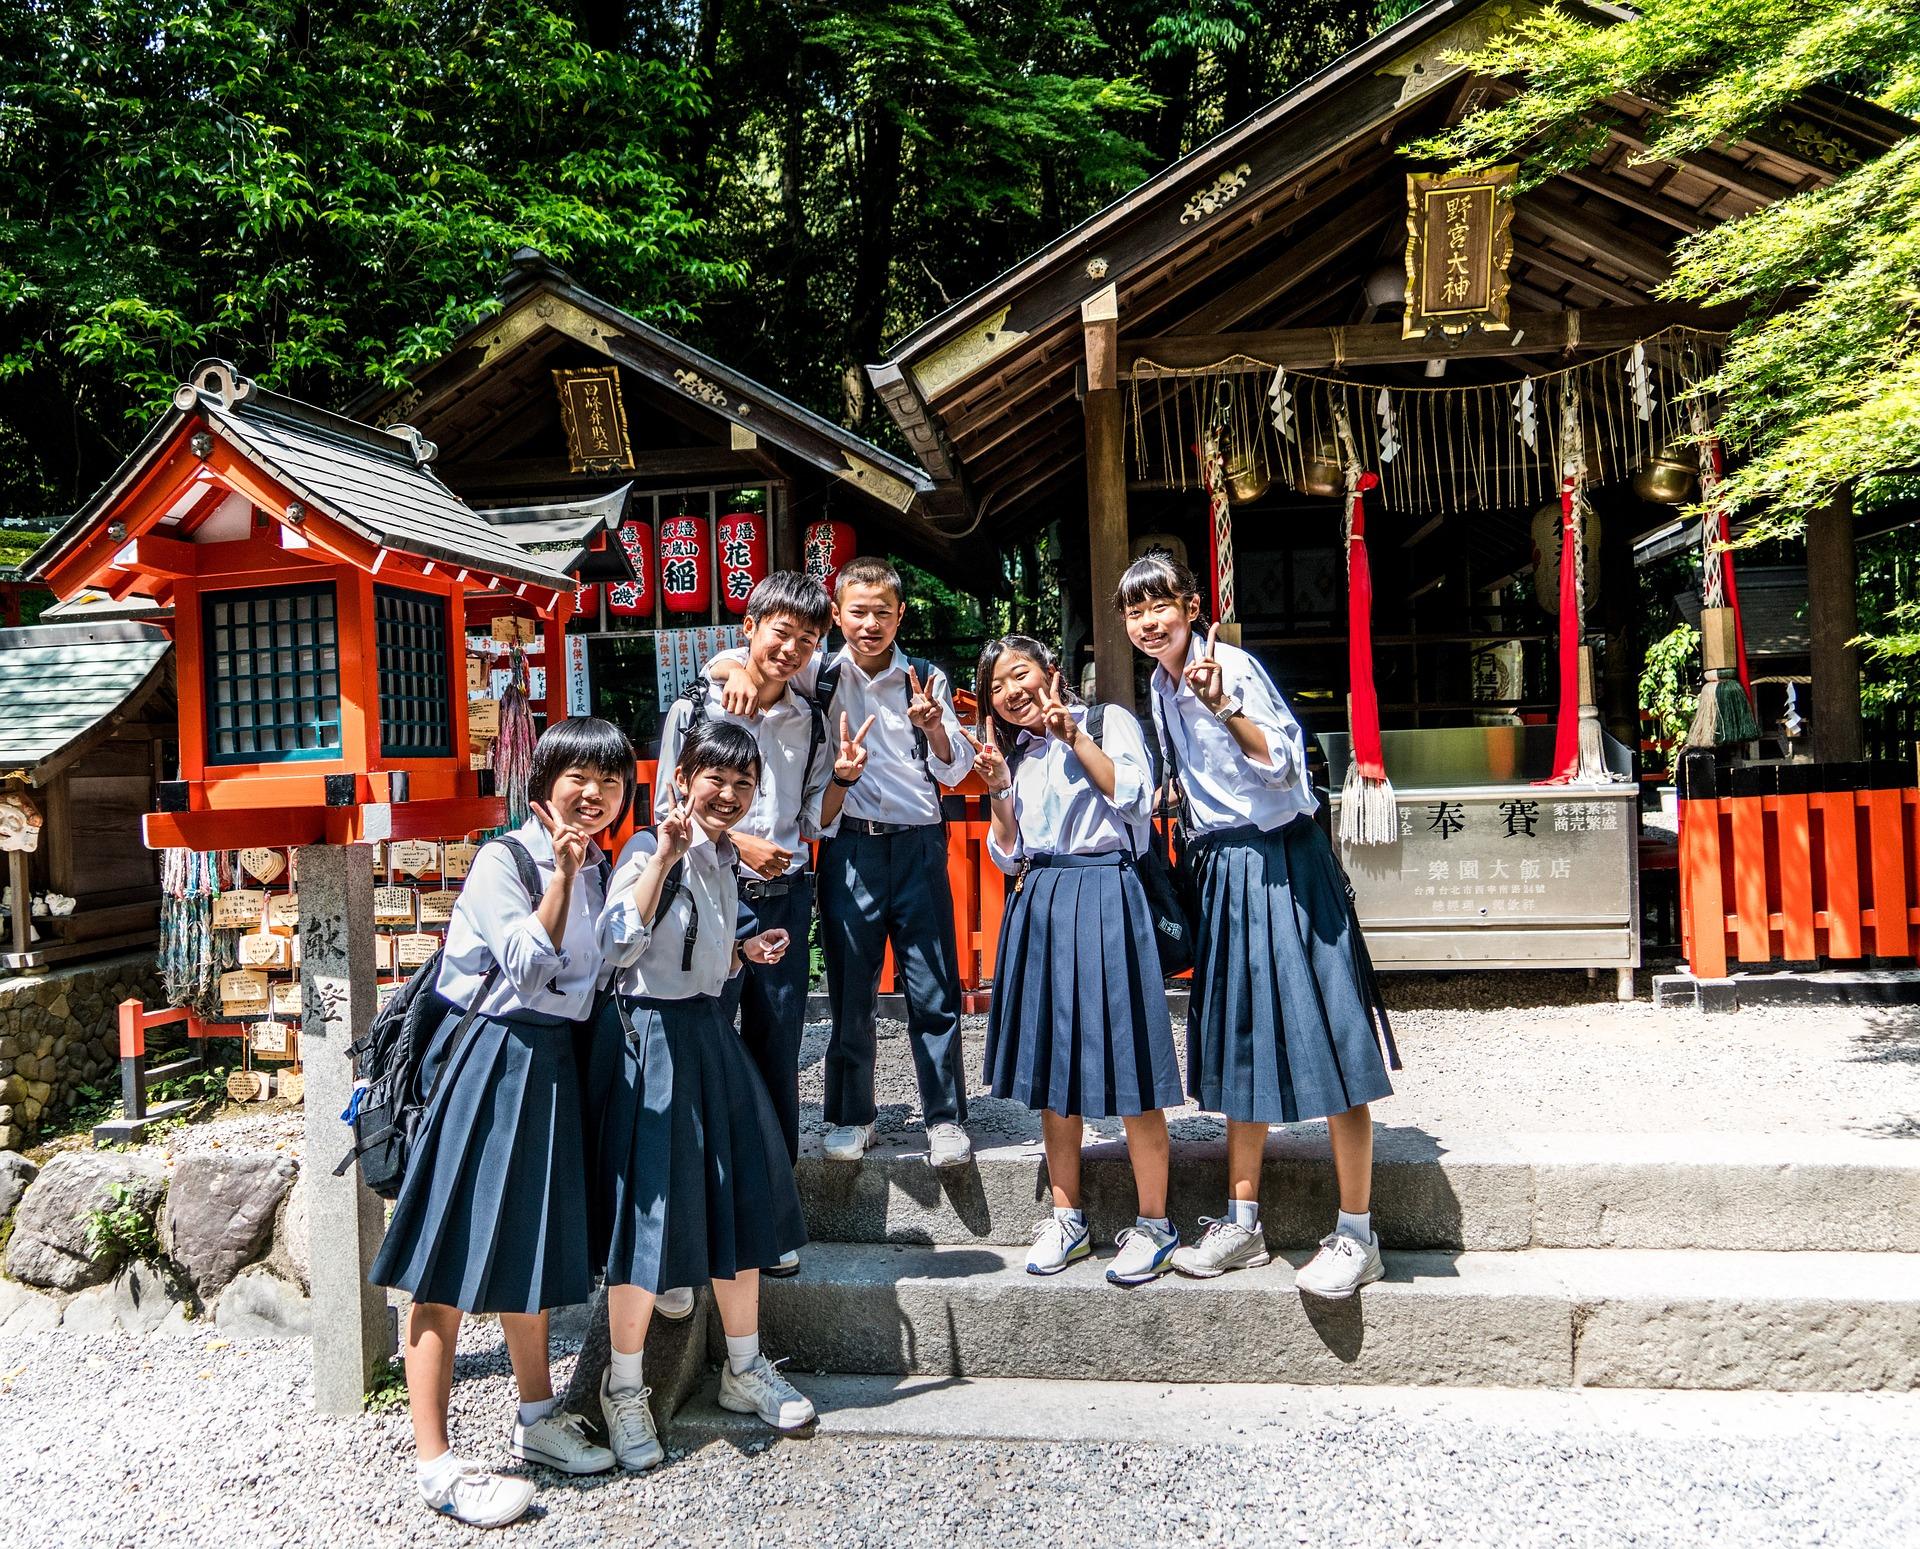 Pranzo a scuola: i segreti del Giappone per combattere l'obesità